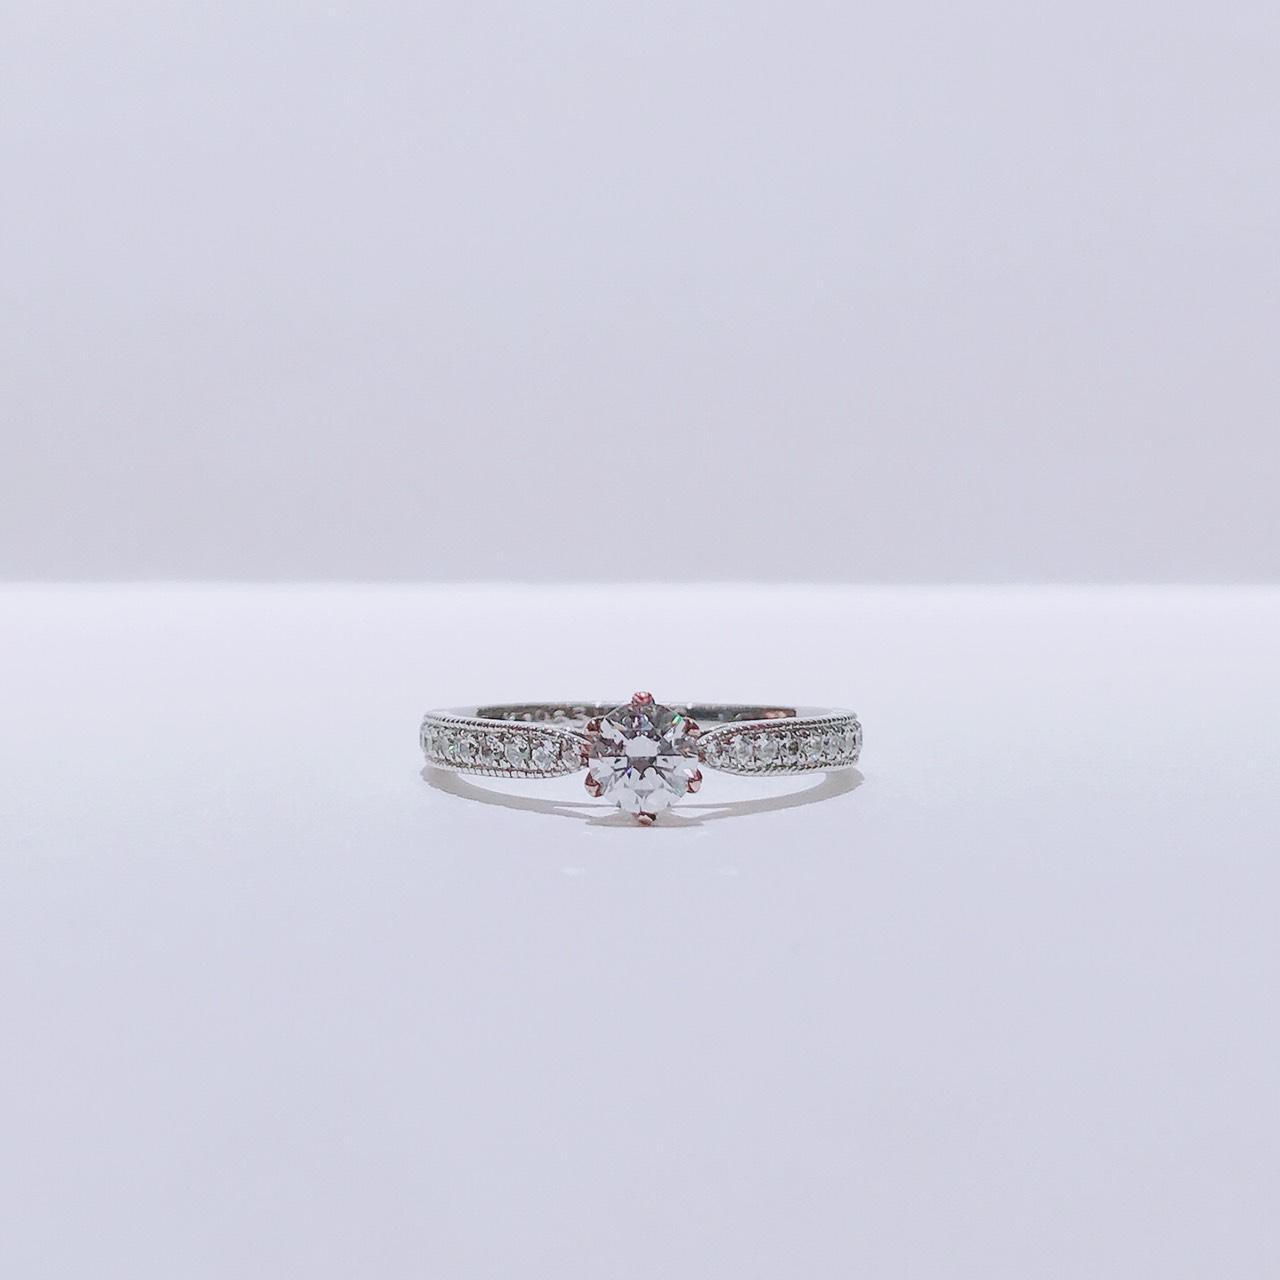 BROOCH 婚約指輪 エンゲージリング シークレットストーンセッティング華やかデザイン